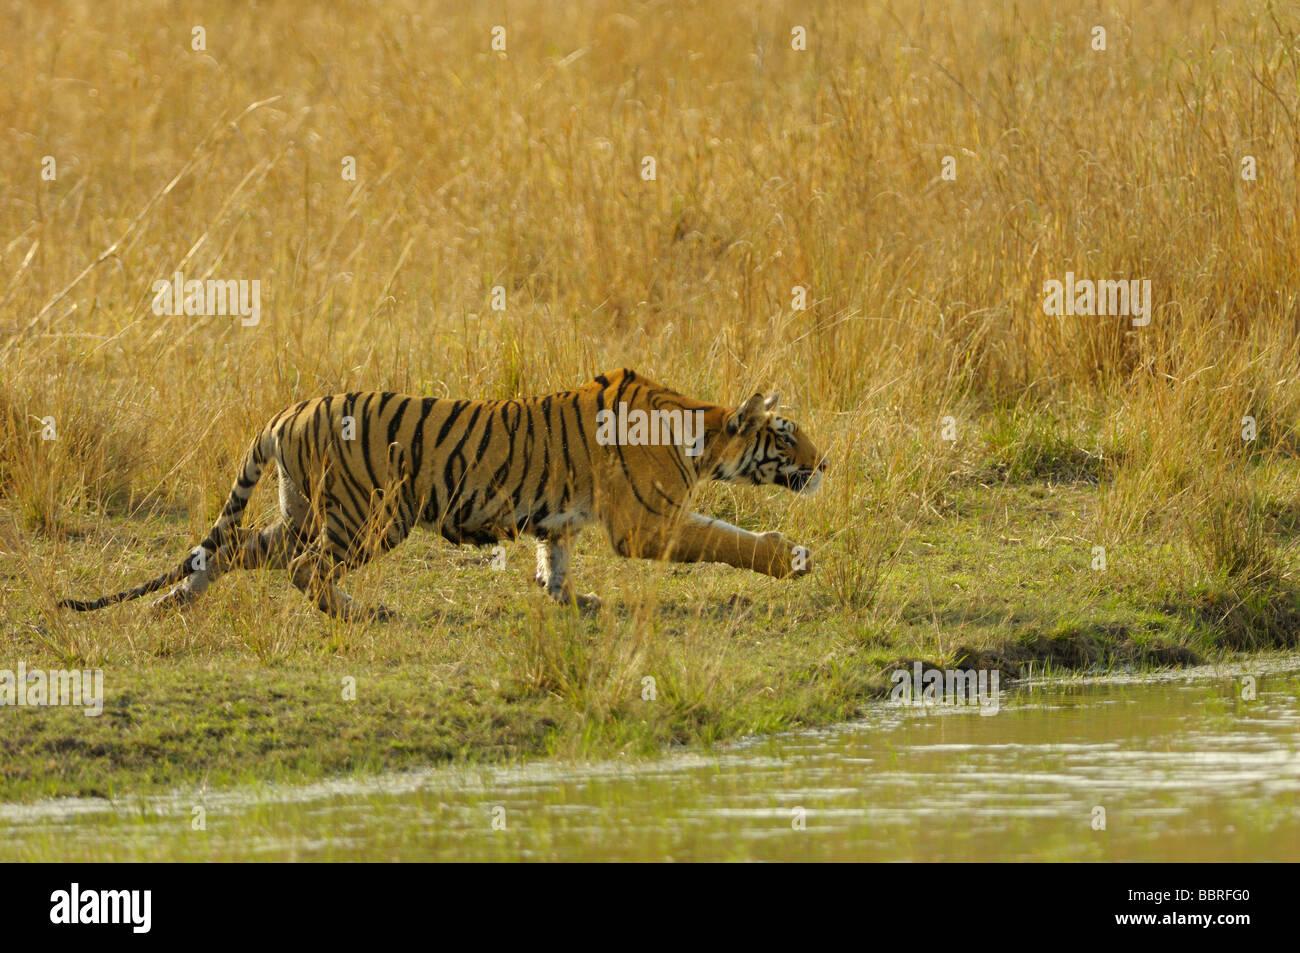 Tiger Stalking - Stock Image